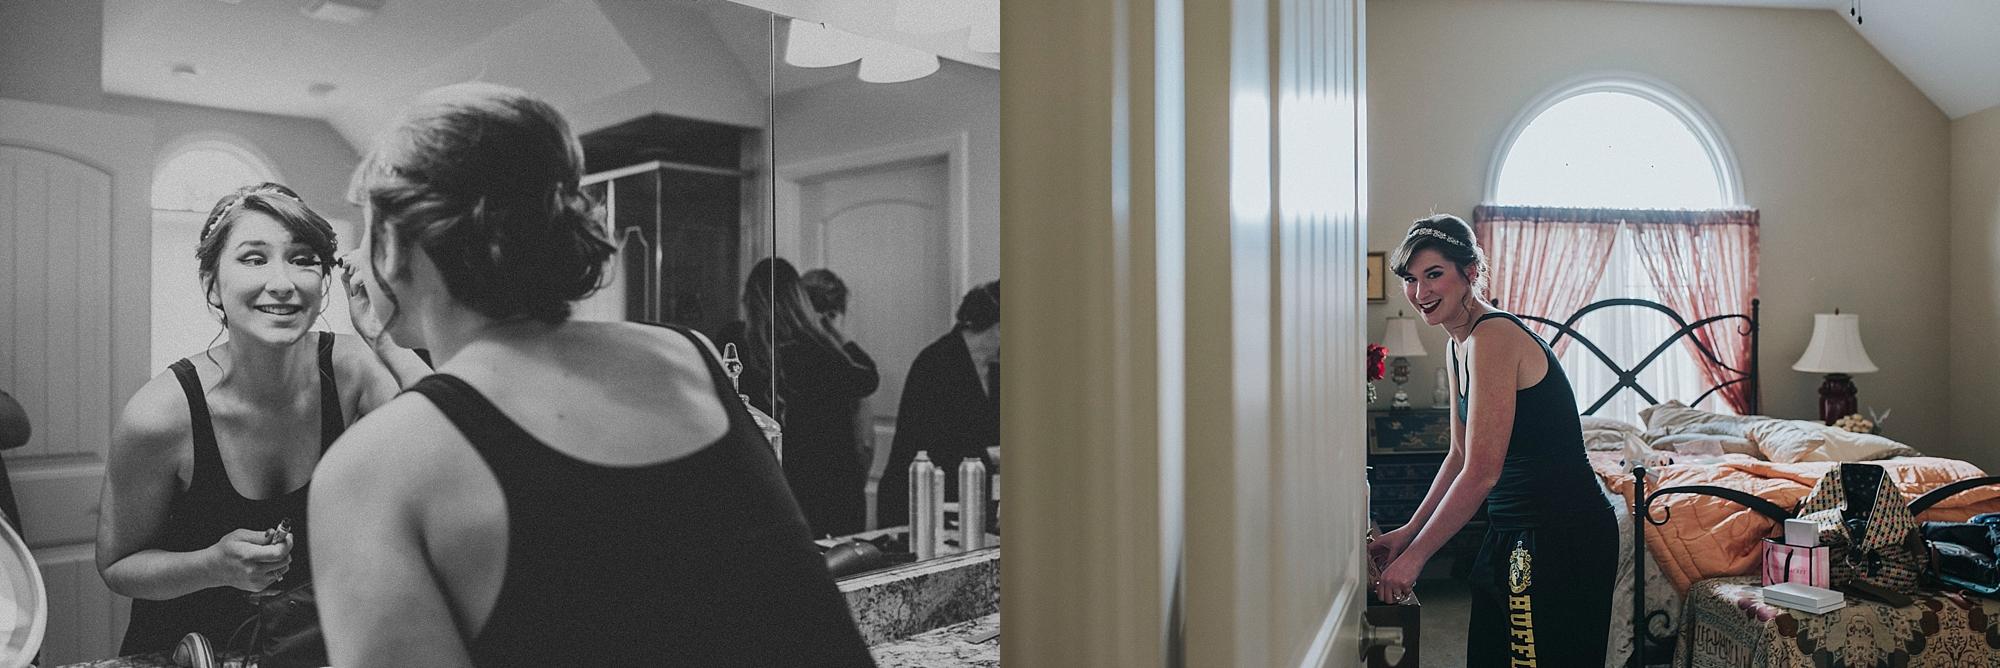 Duquesne-club-wedding-Pittsburgh_0005.jpg